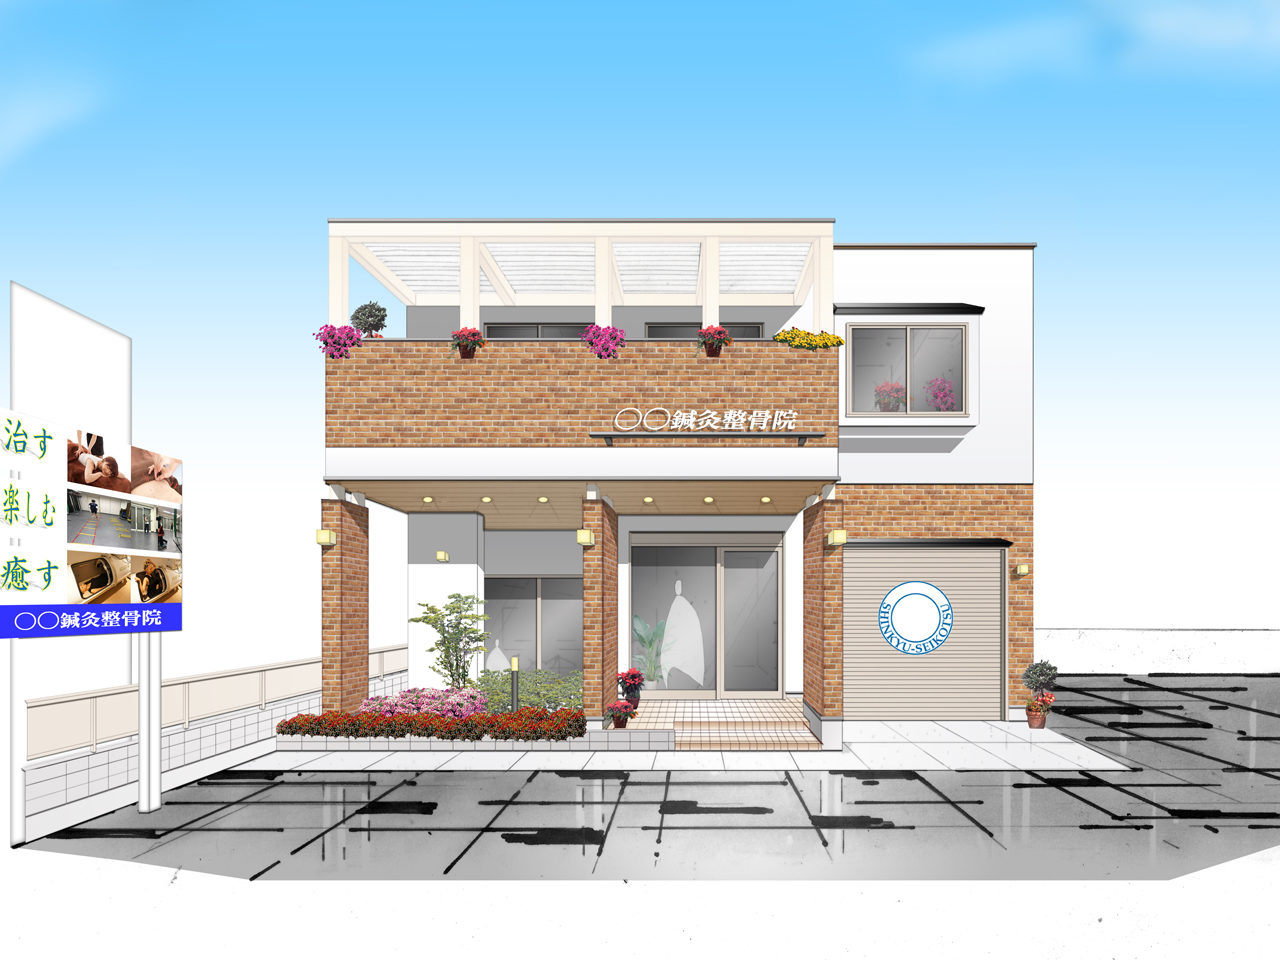 ビルトインガレージ、店舗(鍼灸接骨院・トレーニングルーム)付き住宅の新築設計、デザイン